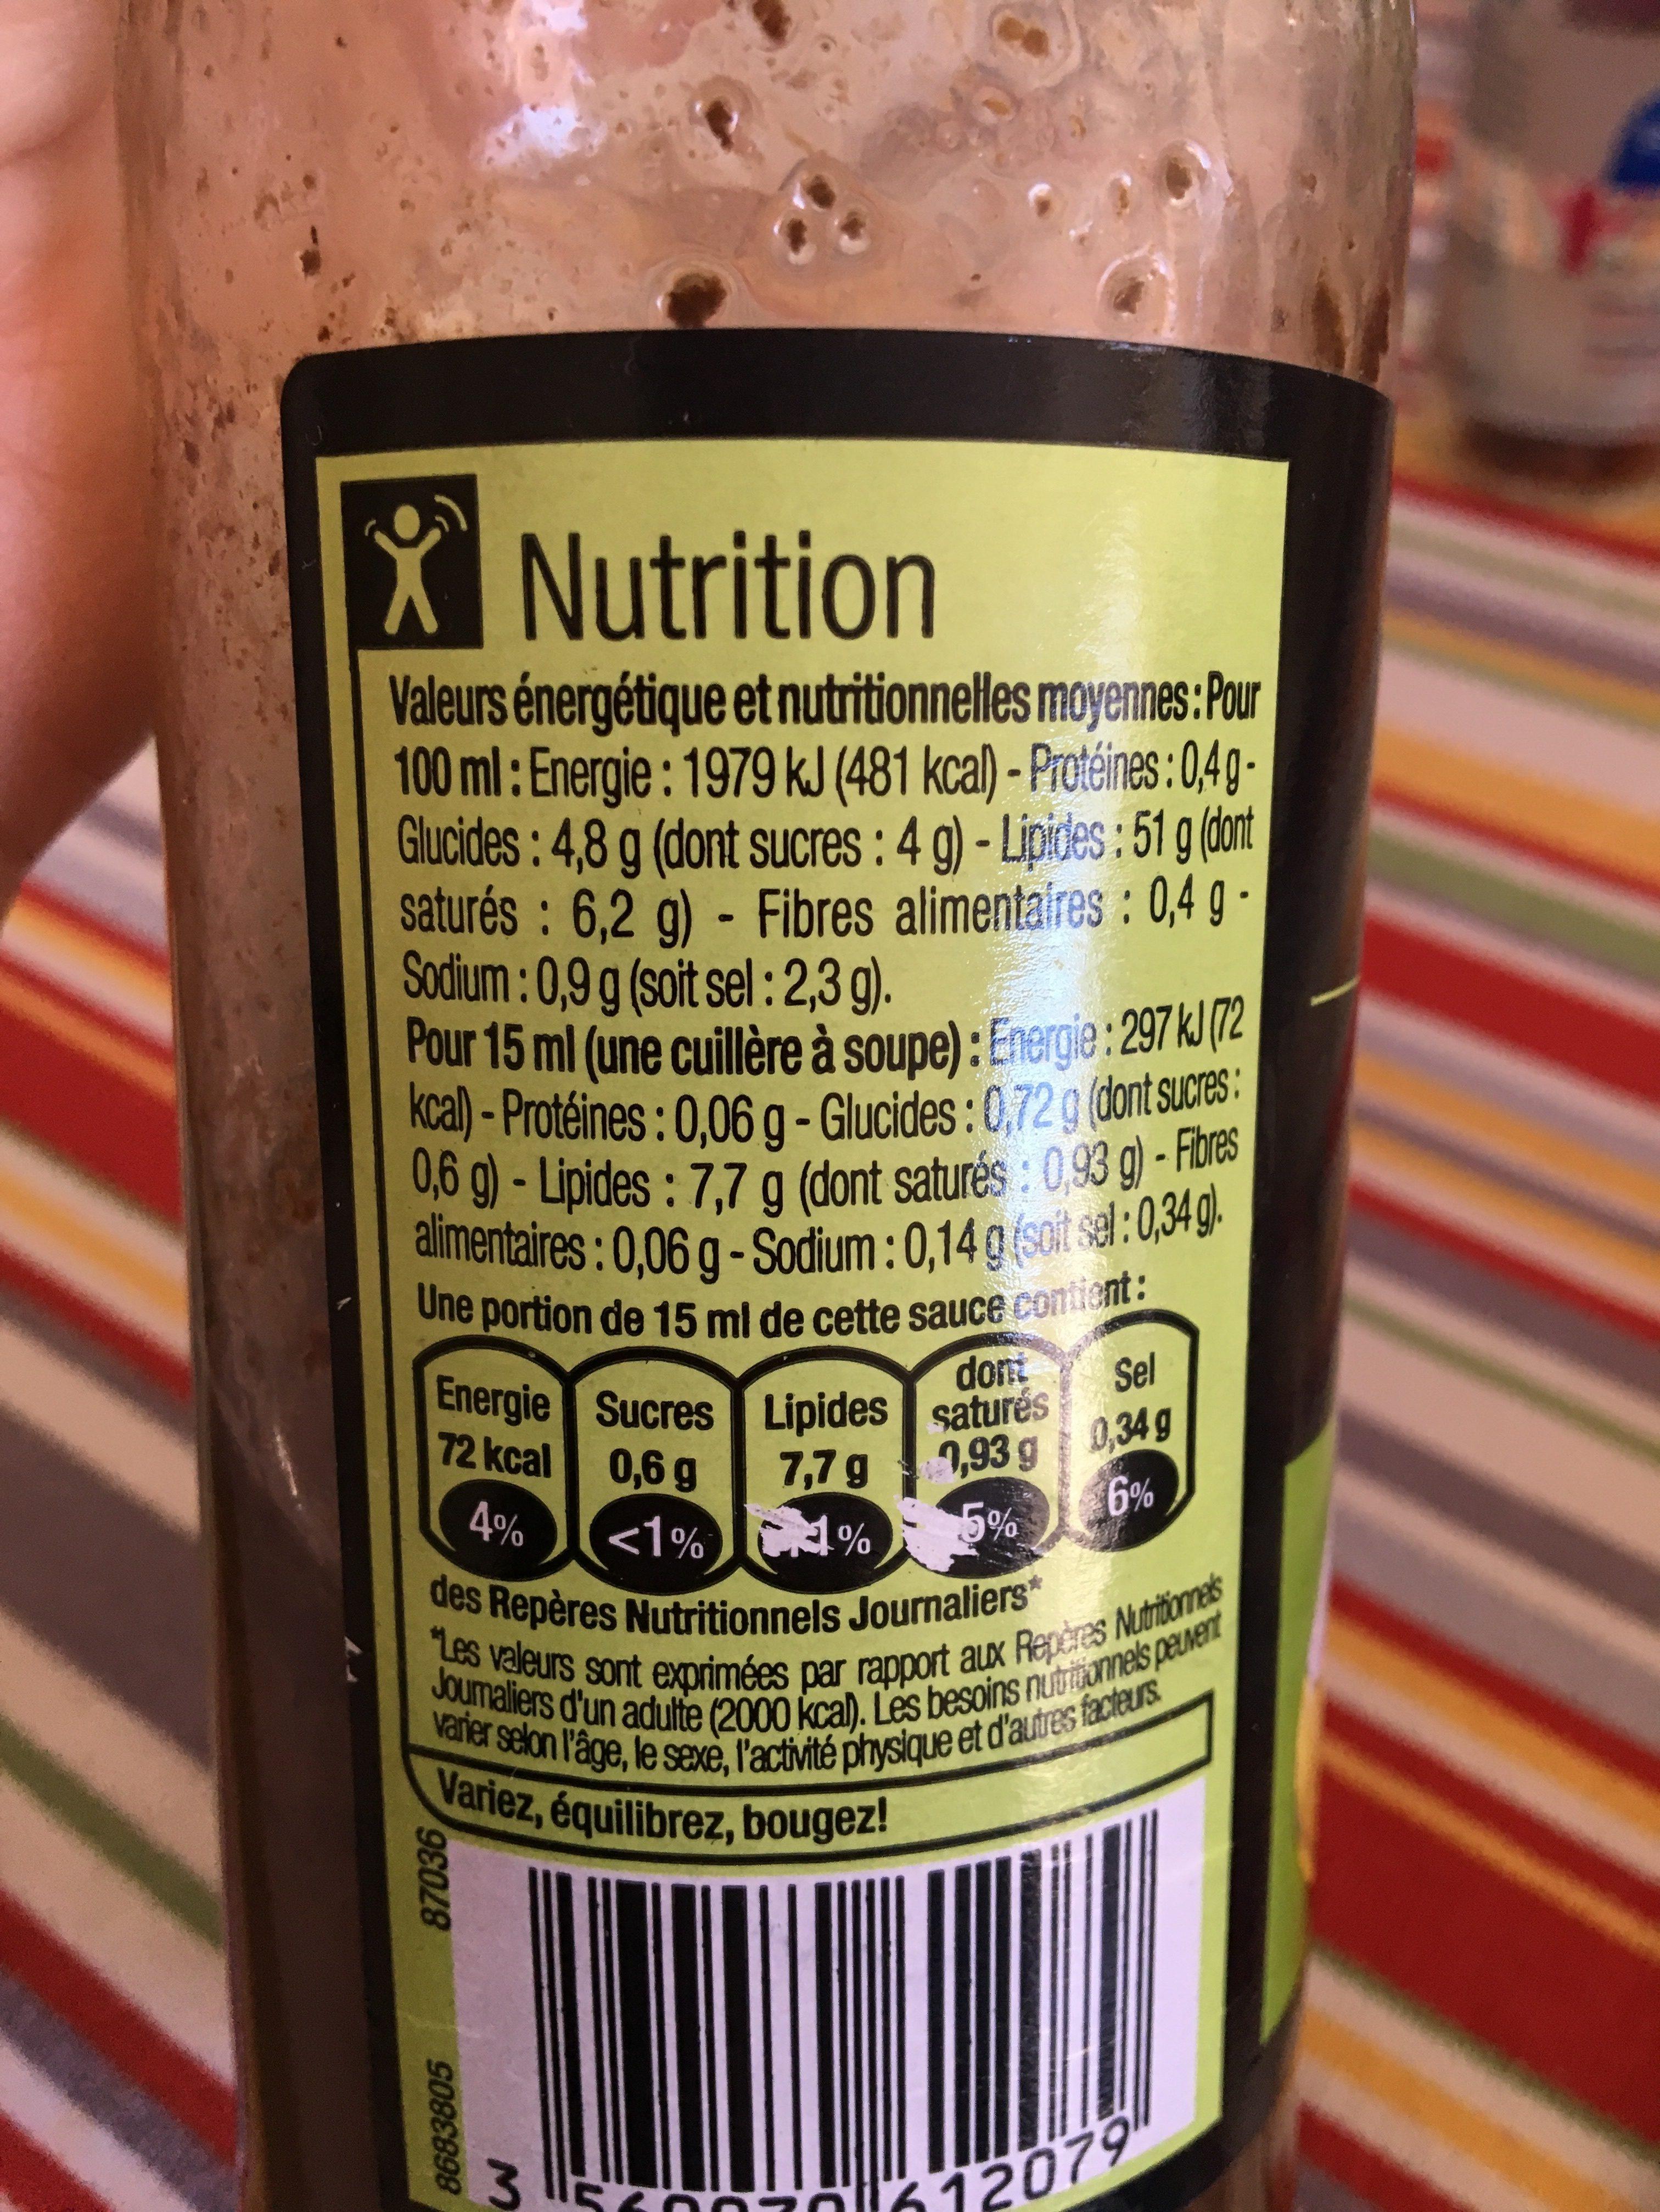 Sauce vinaigrette au vinaigre balsamique et huile d'olive - Ingrediënten